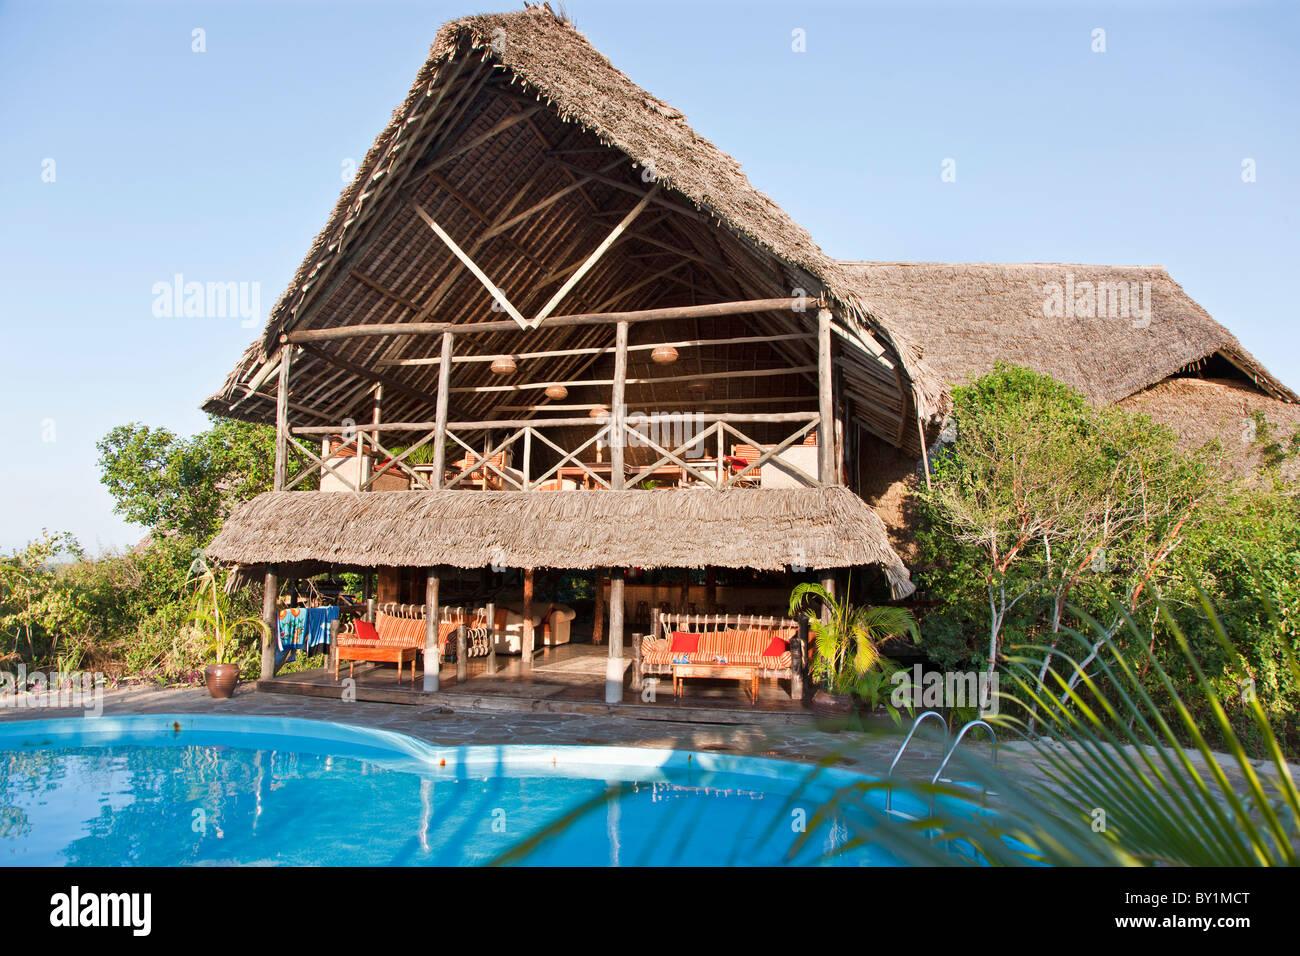 Le bâtiment principal et la piscine de l'île de Lazy Lagoon Hôtel situé sur une petite île Photo Stock